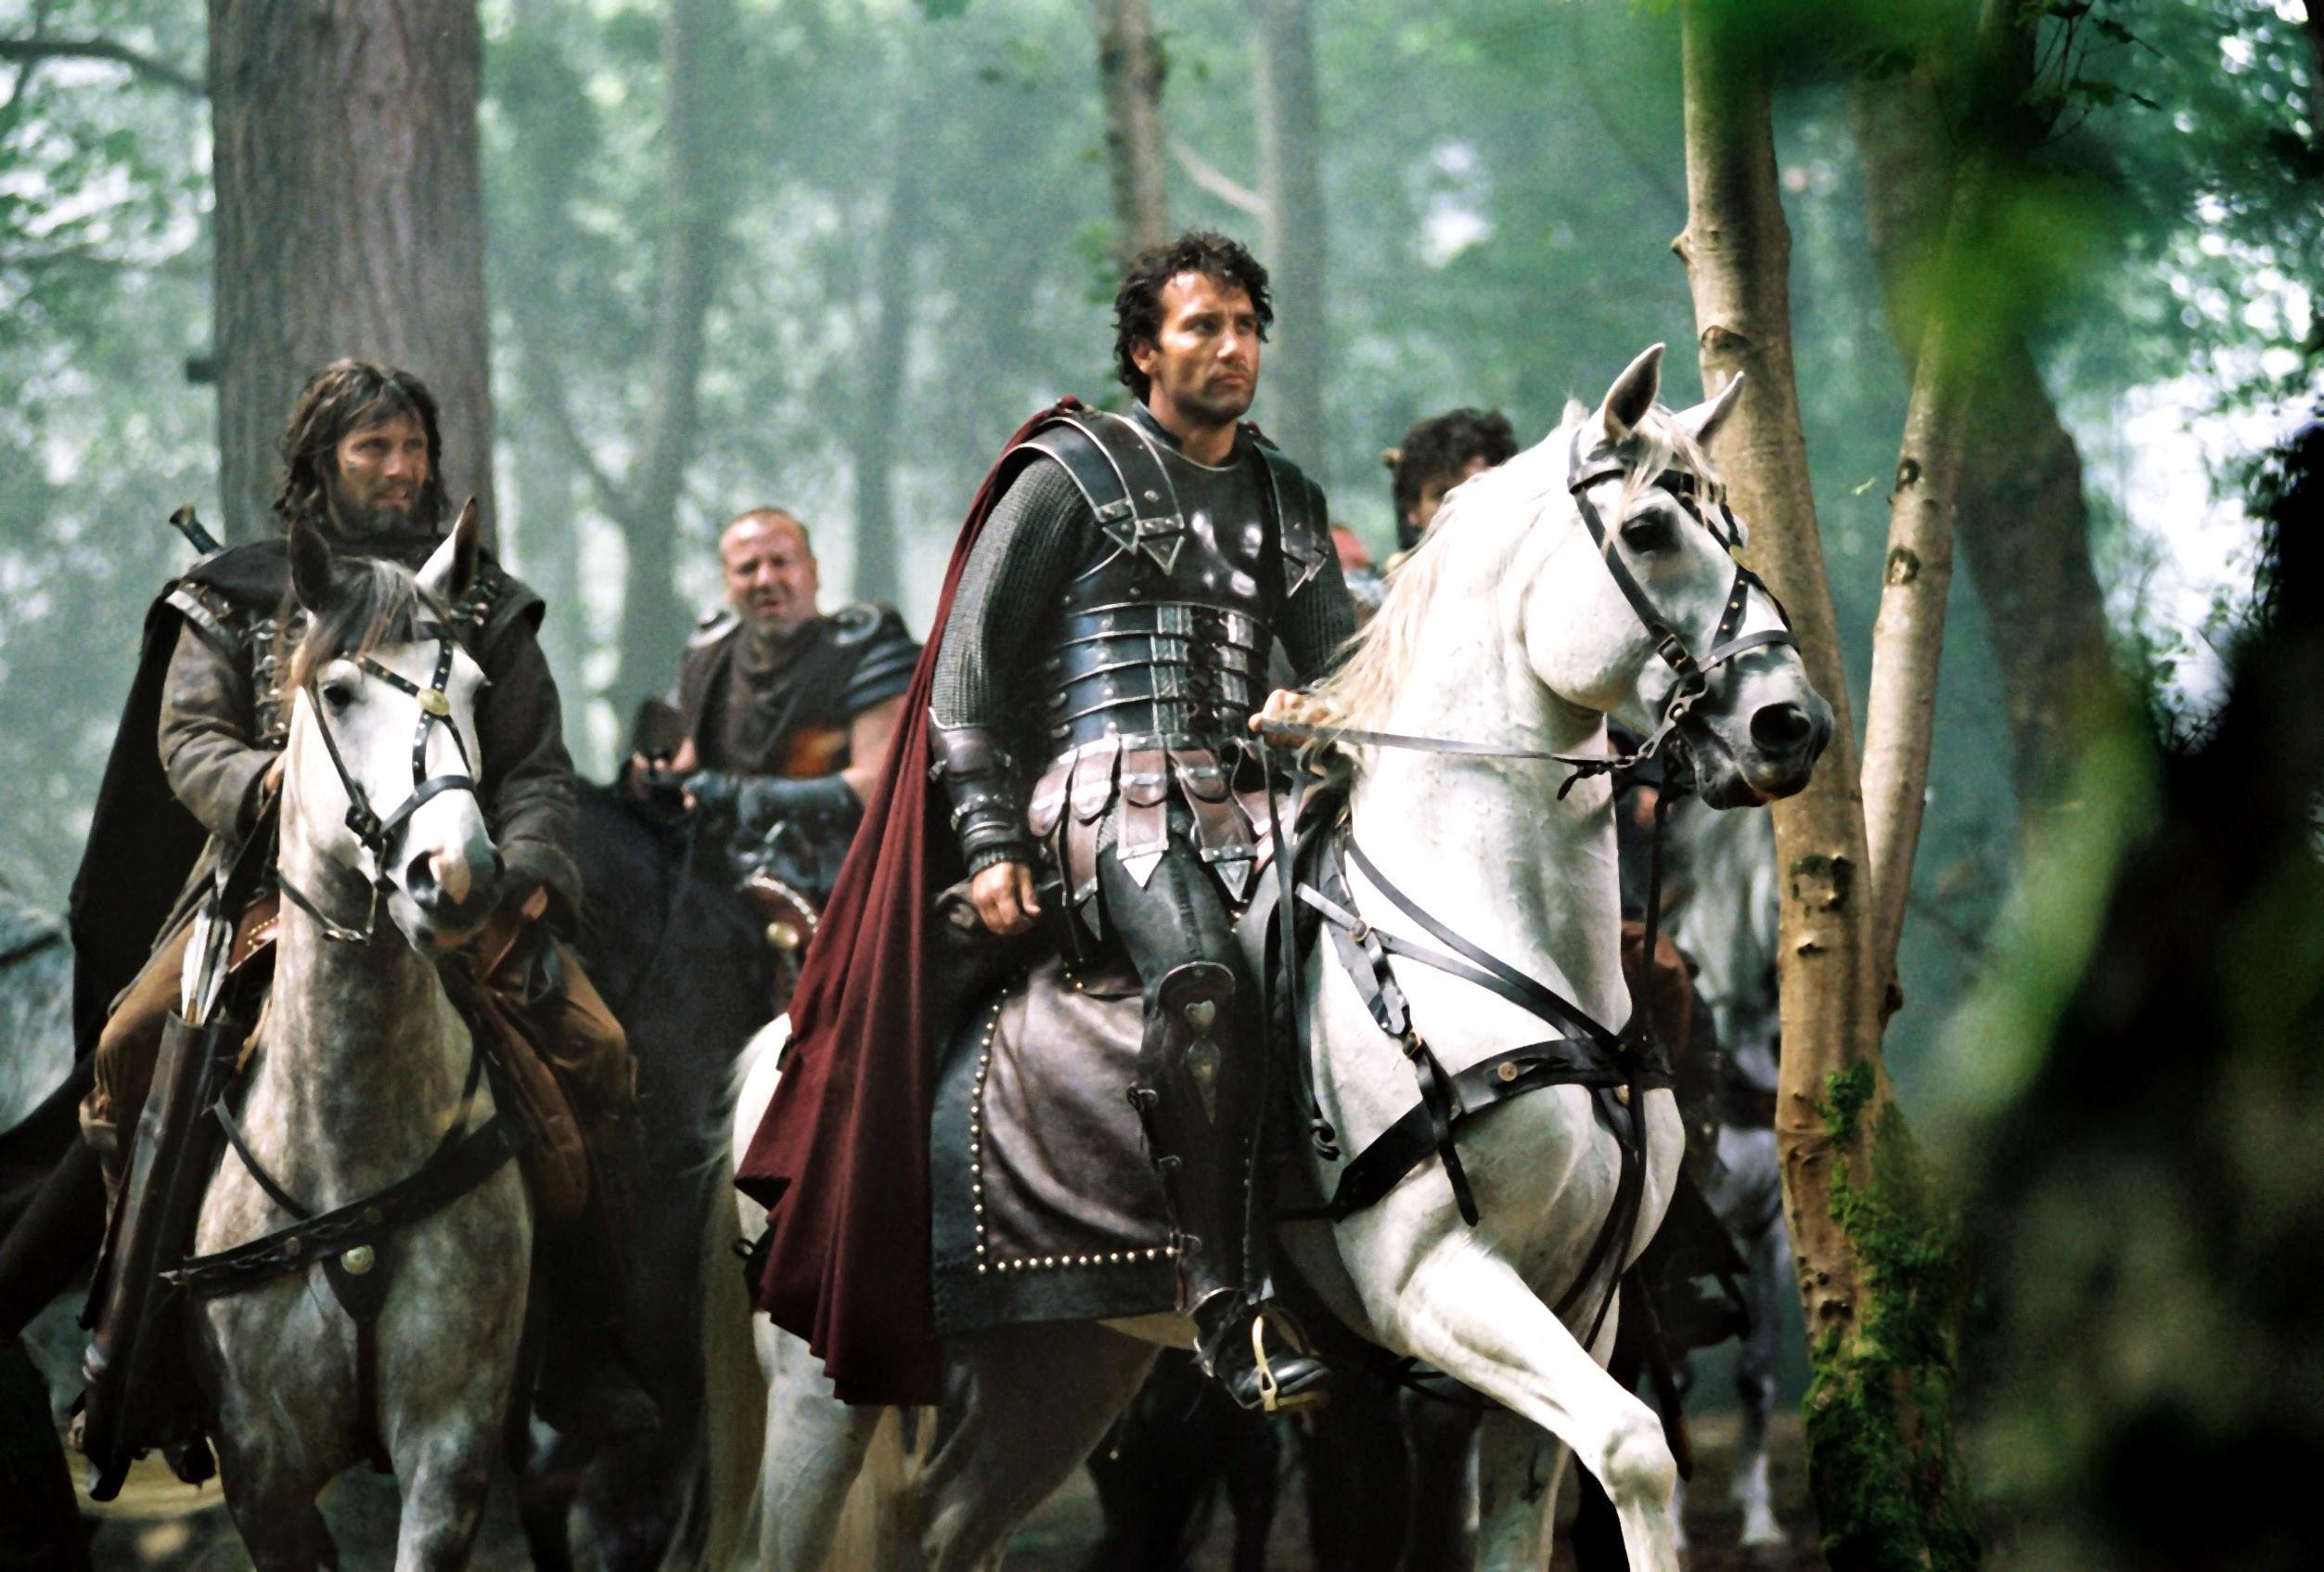 Рыцари короля артура 1967 смотреть онлайн 14 фотография